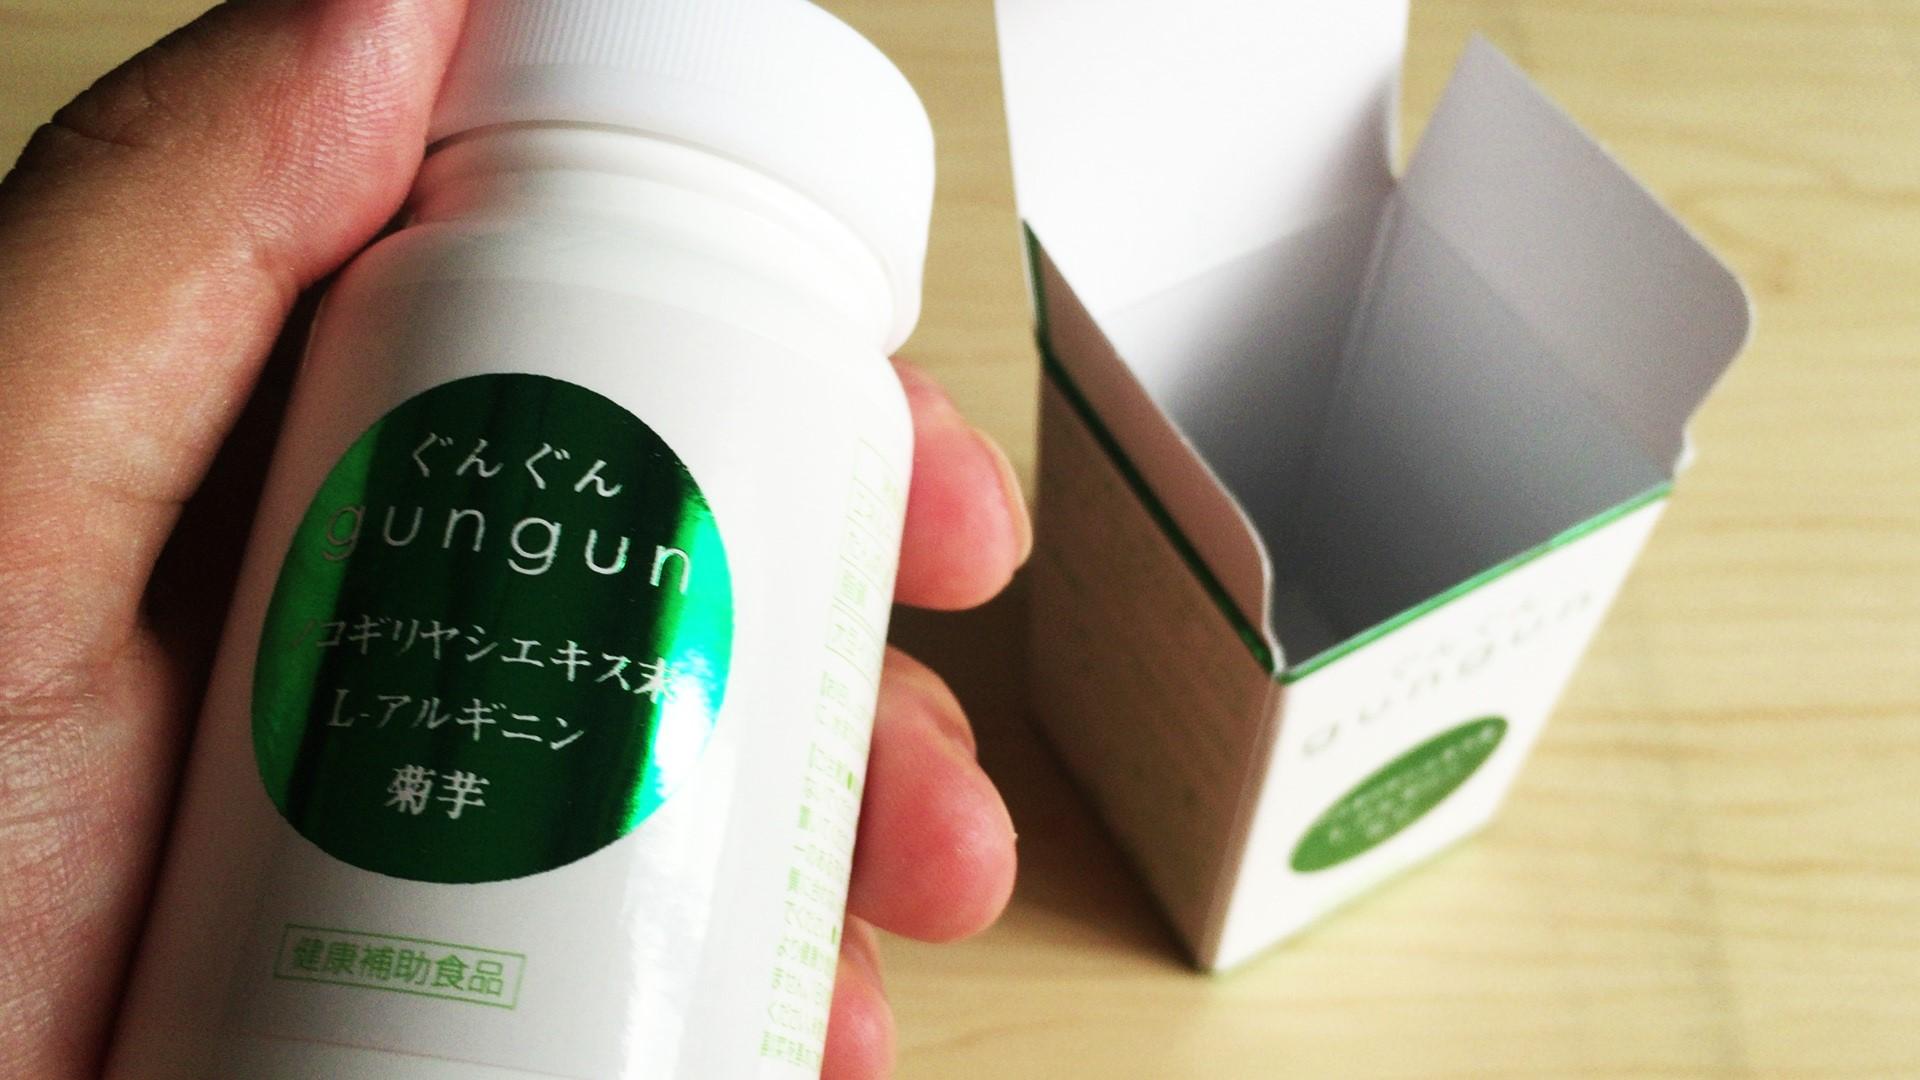 飲む育毛剤サプリで体の内側から毛髪成分を効果的に摂取!?【GUNGUN(ぐんぐん)レビュー】